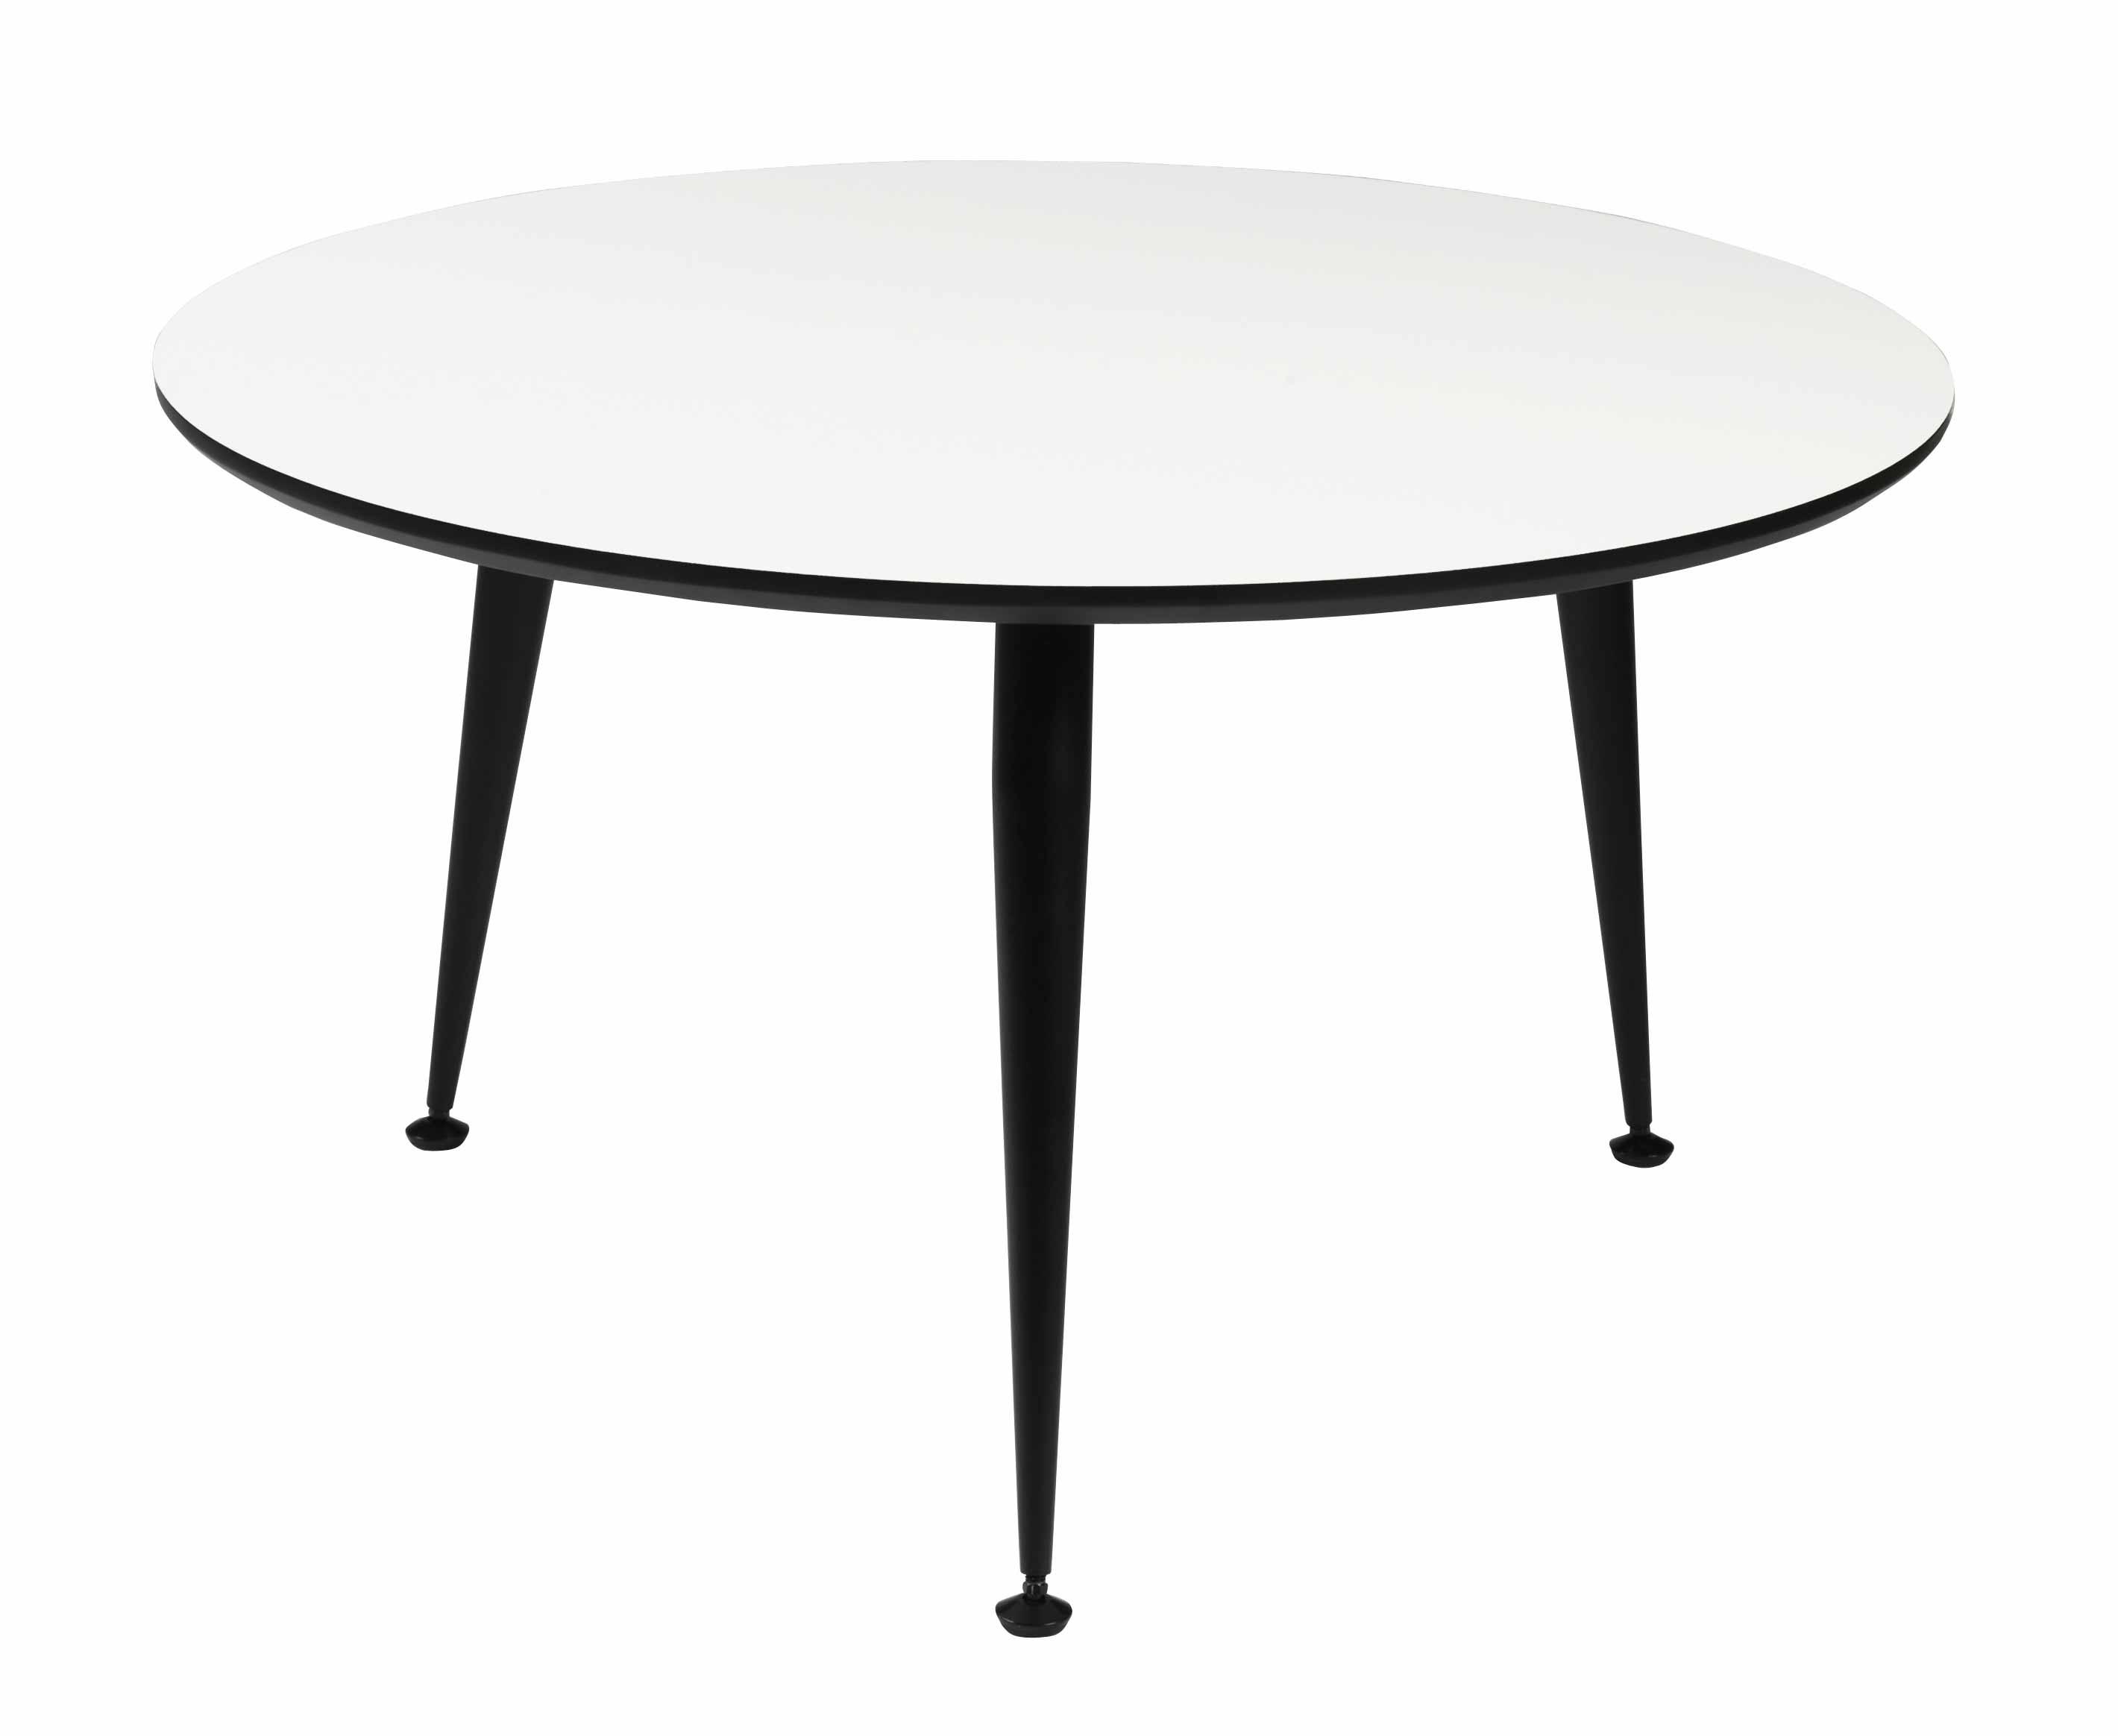 Strike sofabord - Hvidt træ, sort stål stel, rundt (Ø:85)